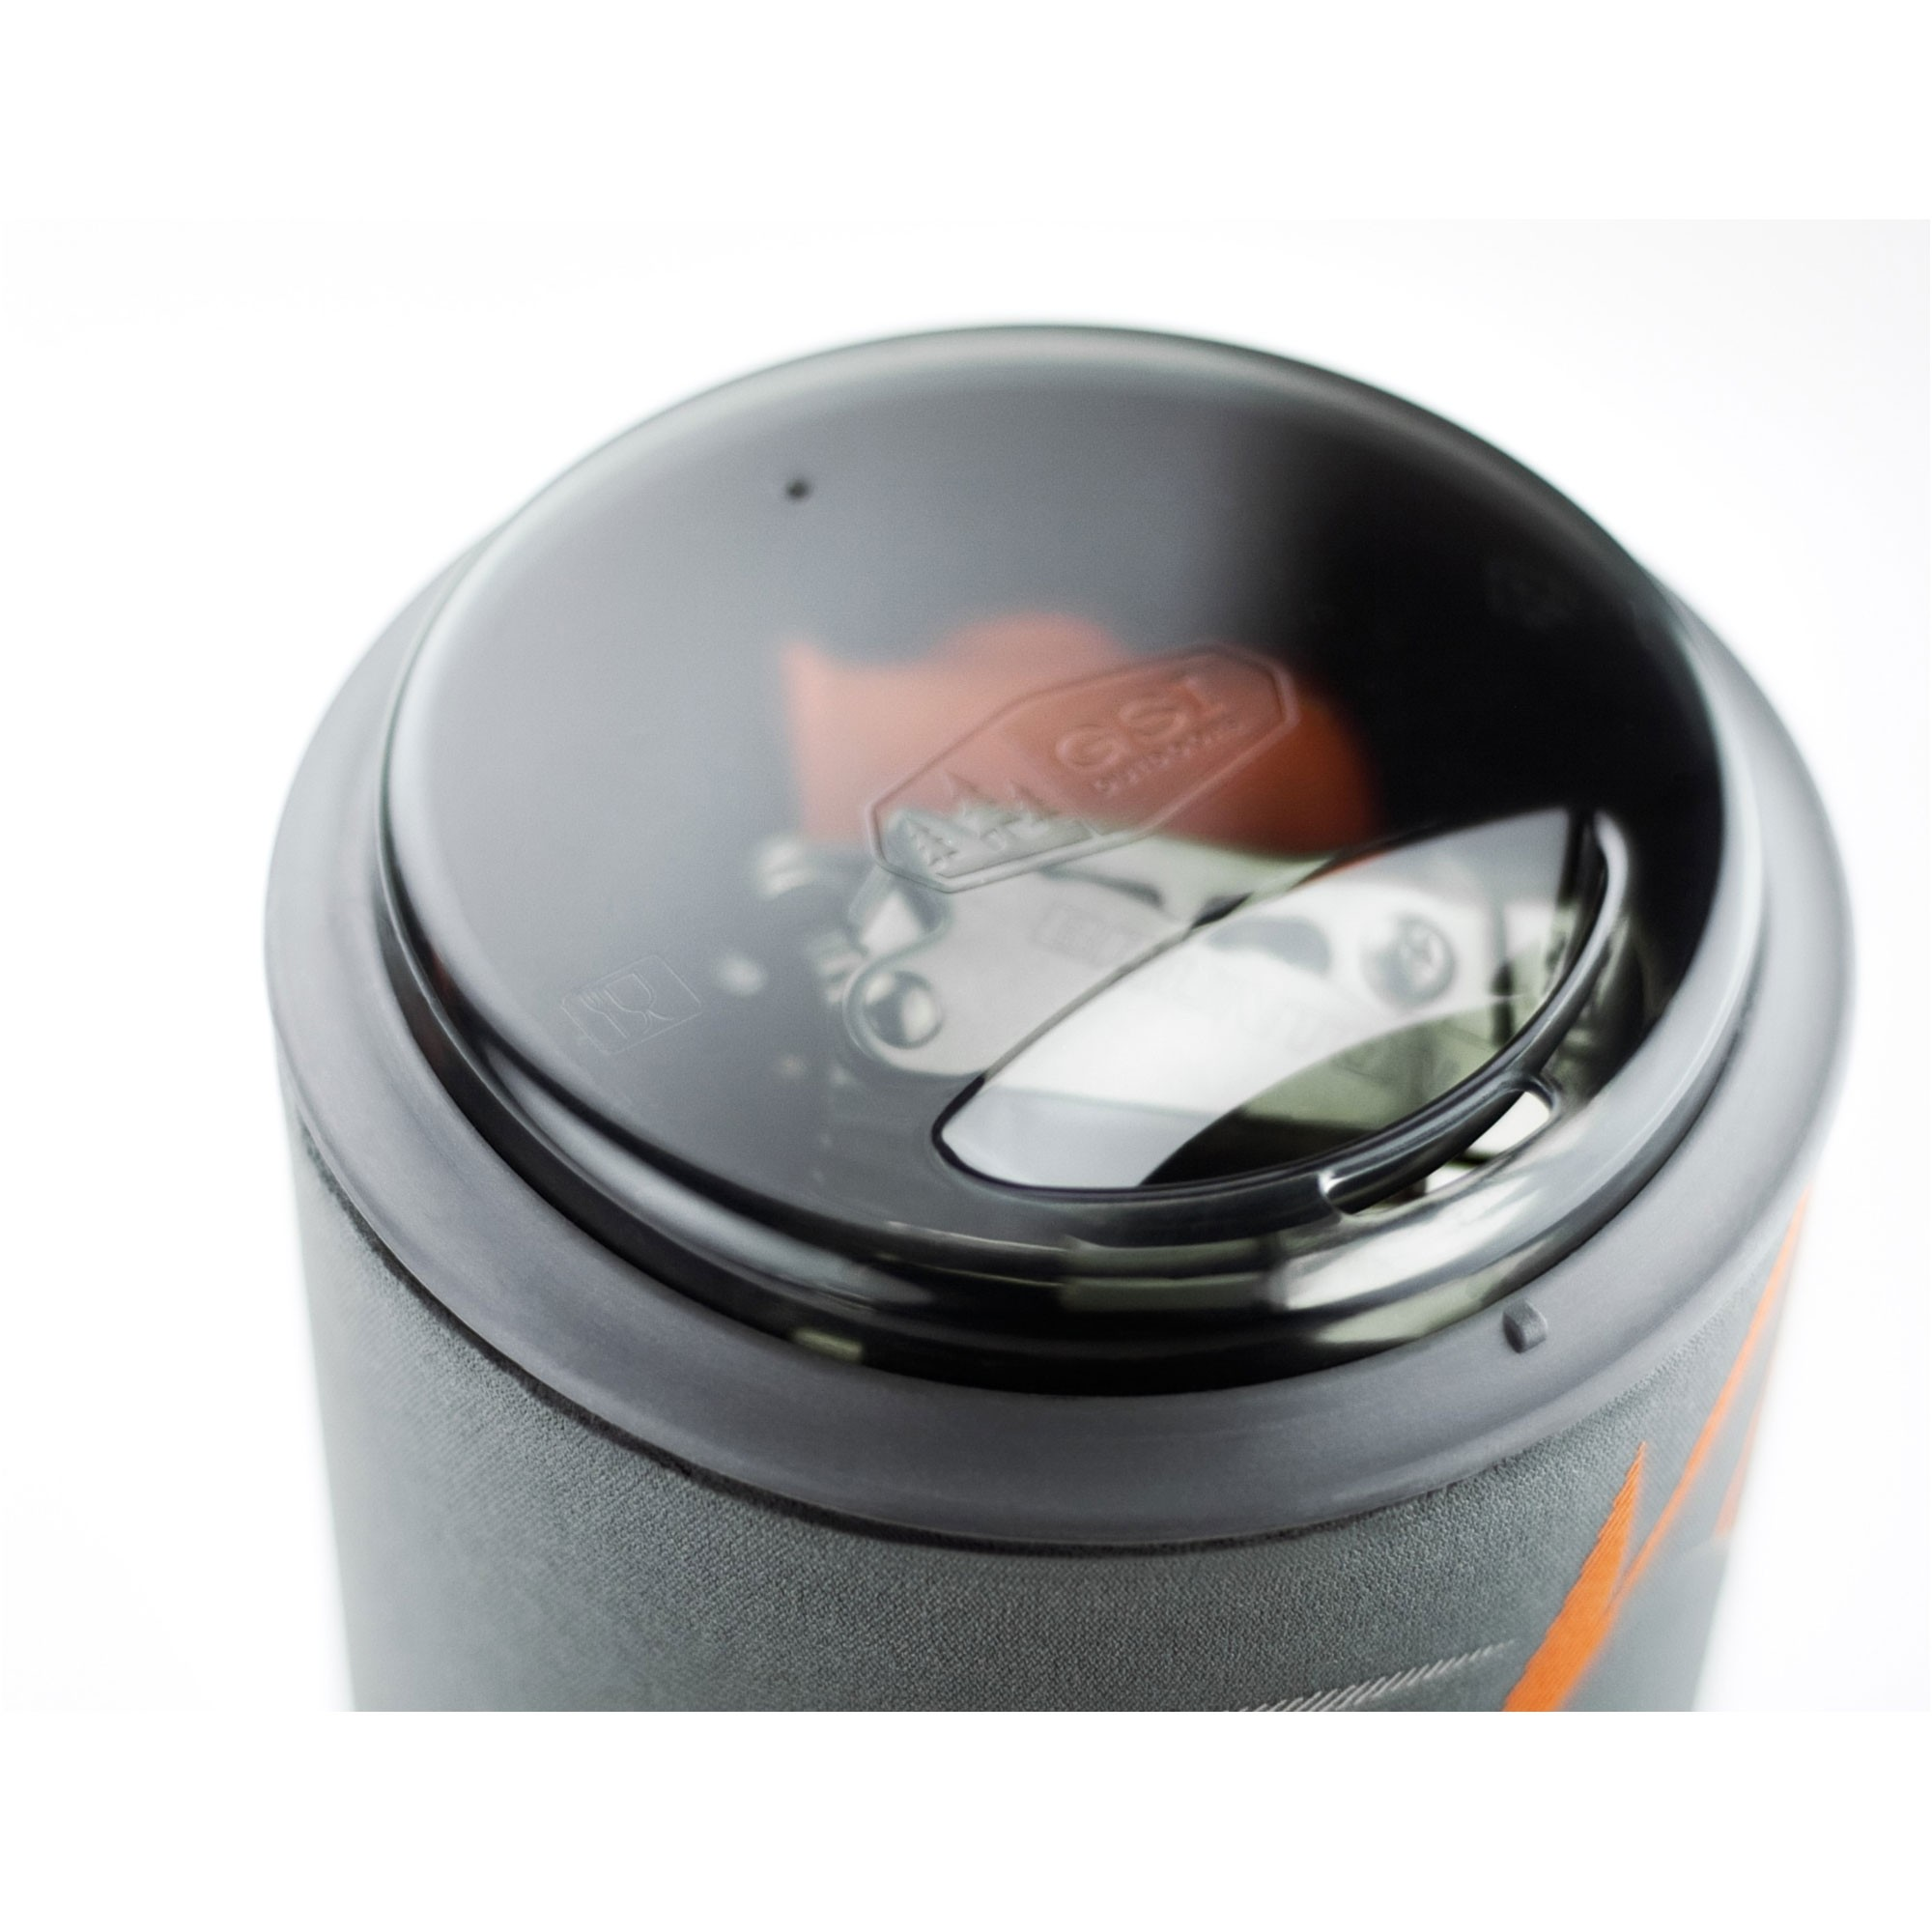 GSI-Halulite-Minimalist-0-6L-Cookset